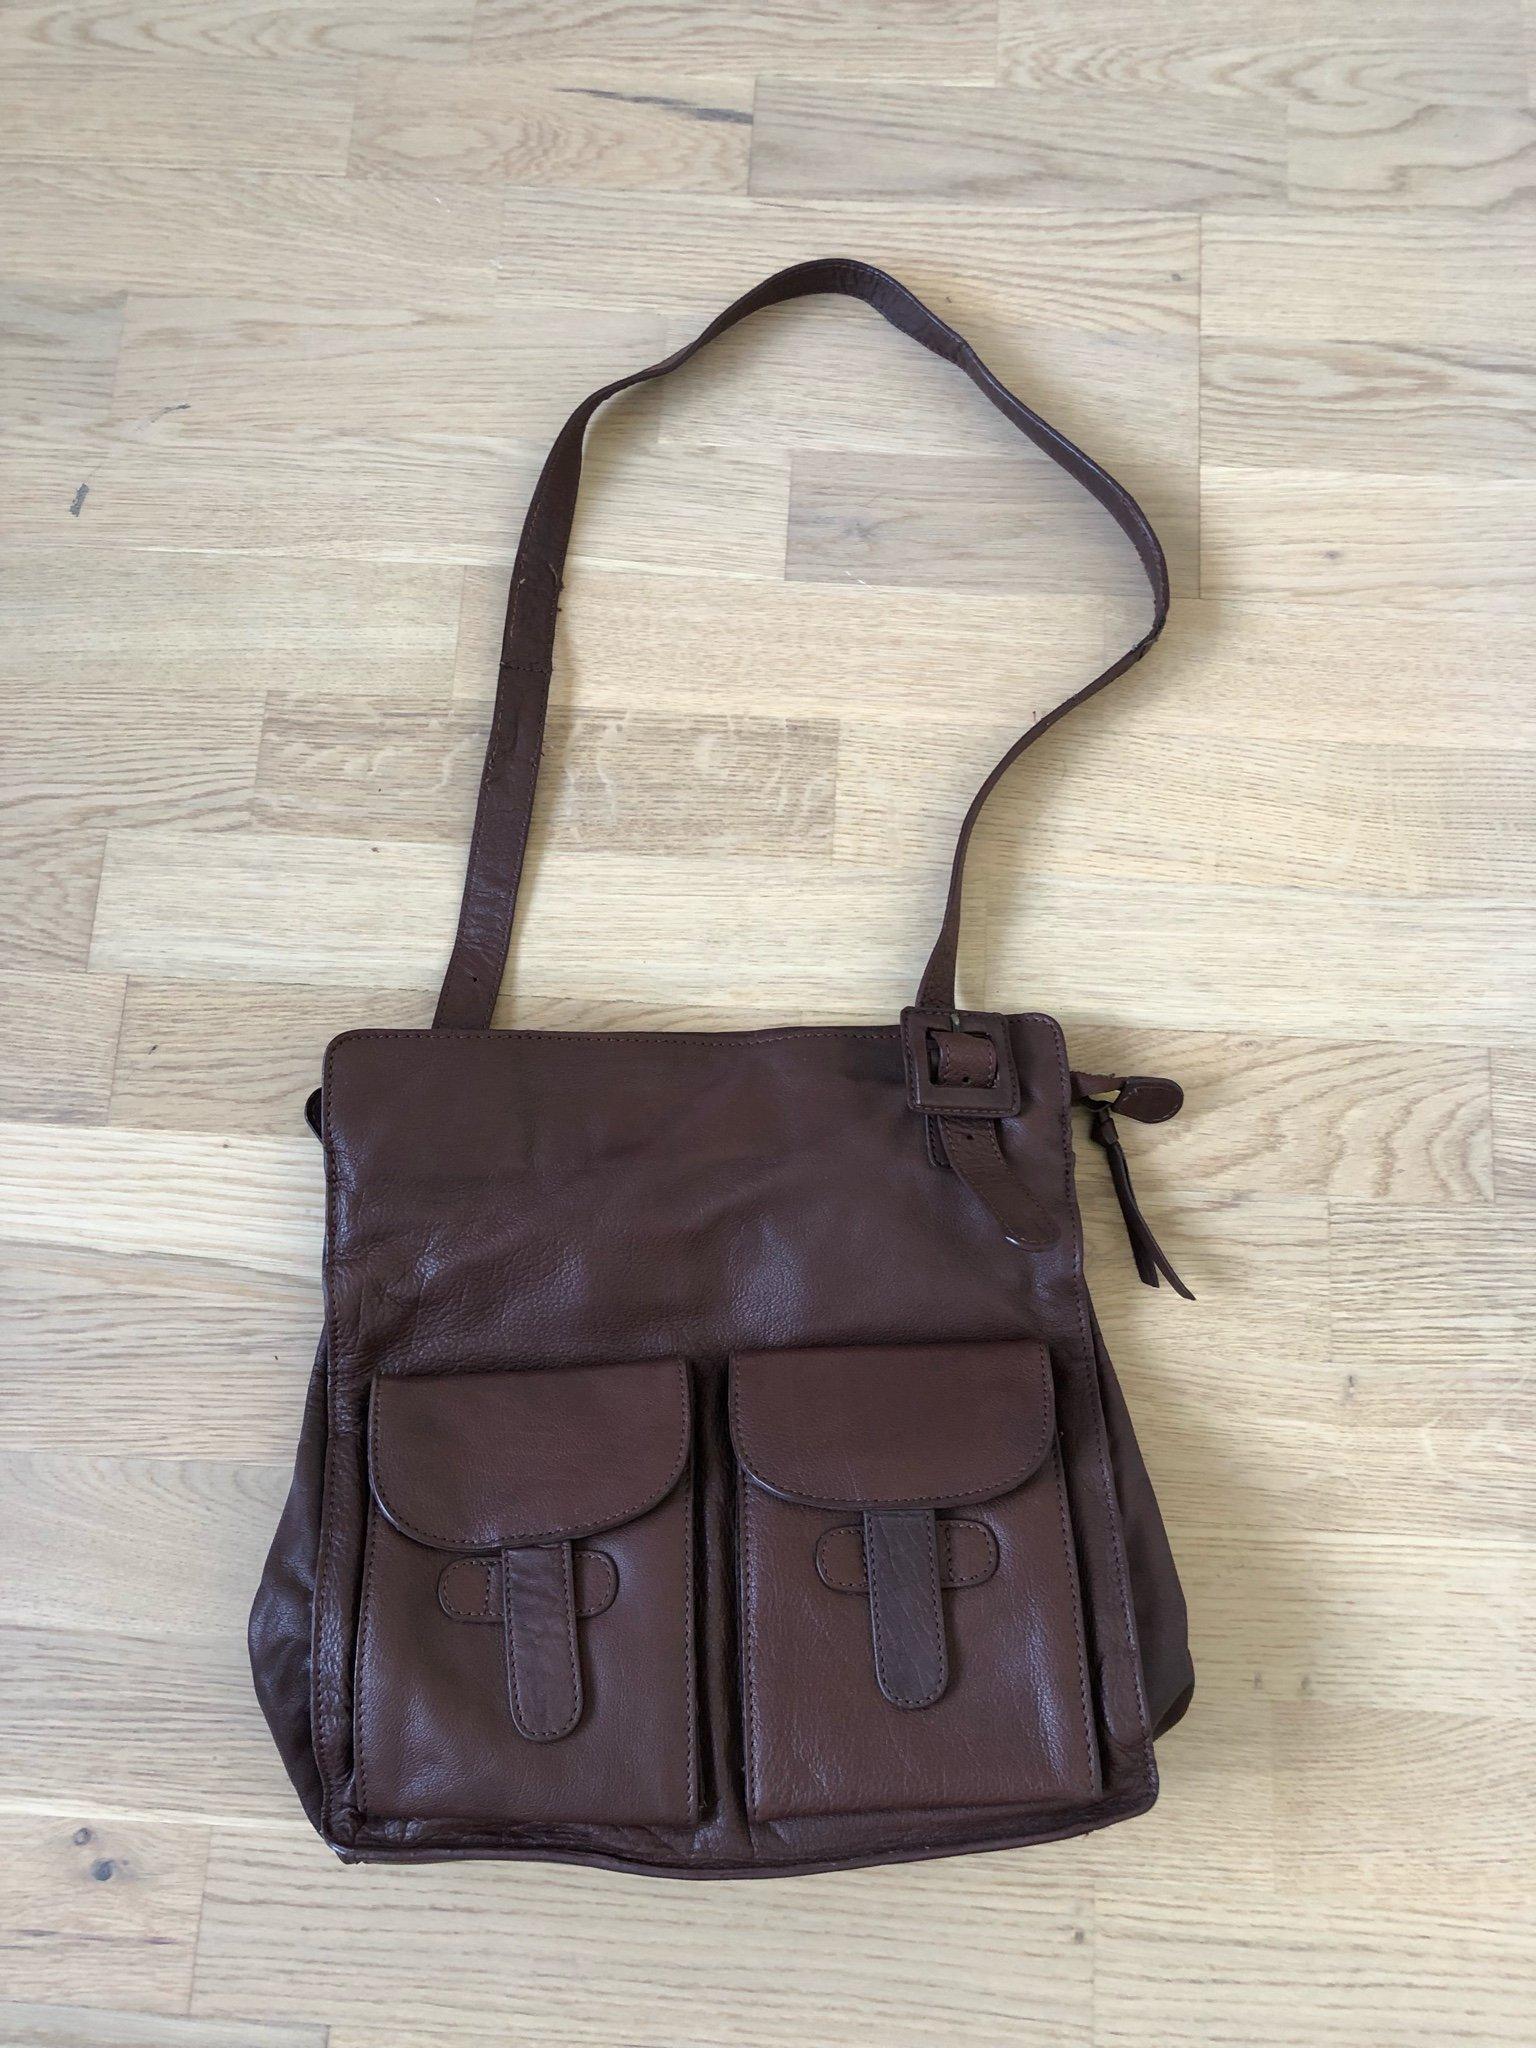 Brun läderskinnväska (358689980) ᐈ Köp på Tradera